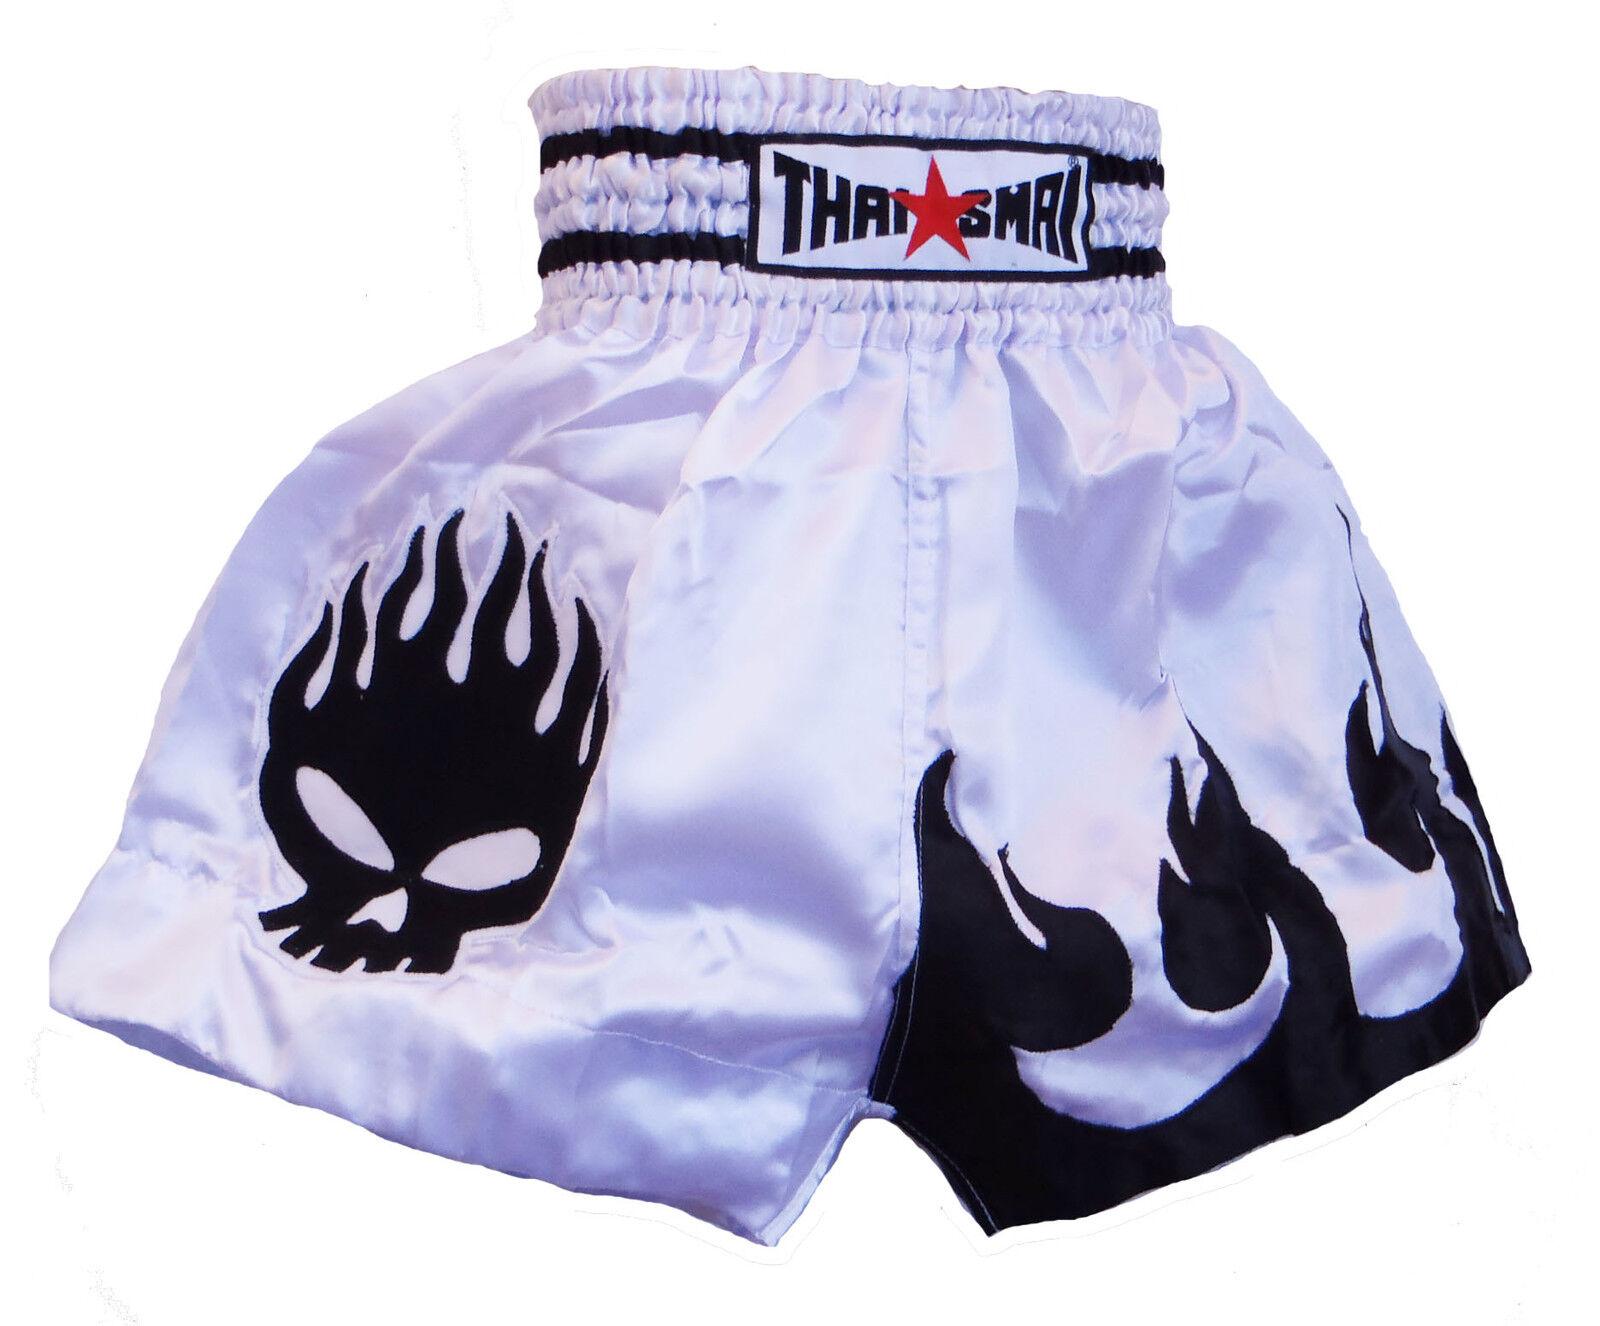 Pantaloncini Da scatolae Taileese   Muay THAISMAI raso bianco tutte le taglie